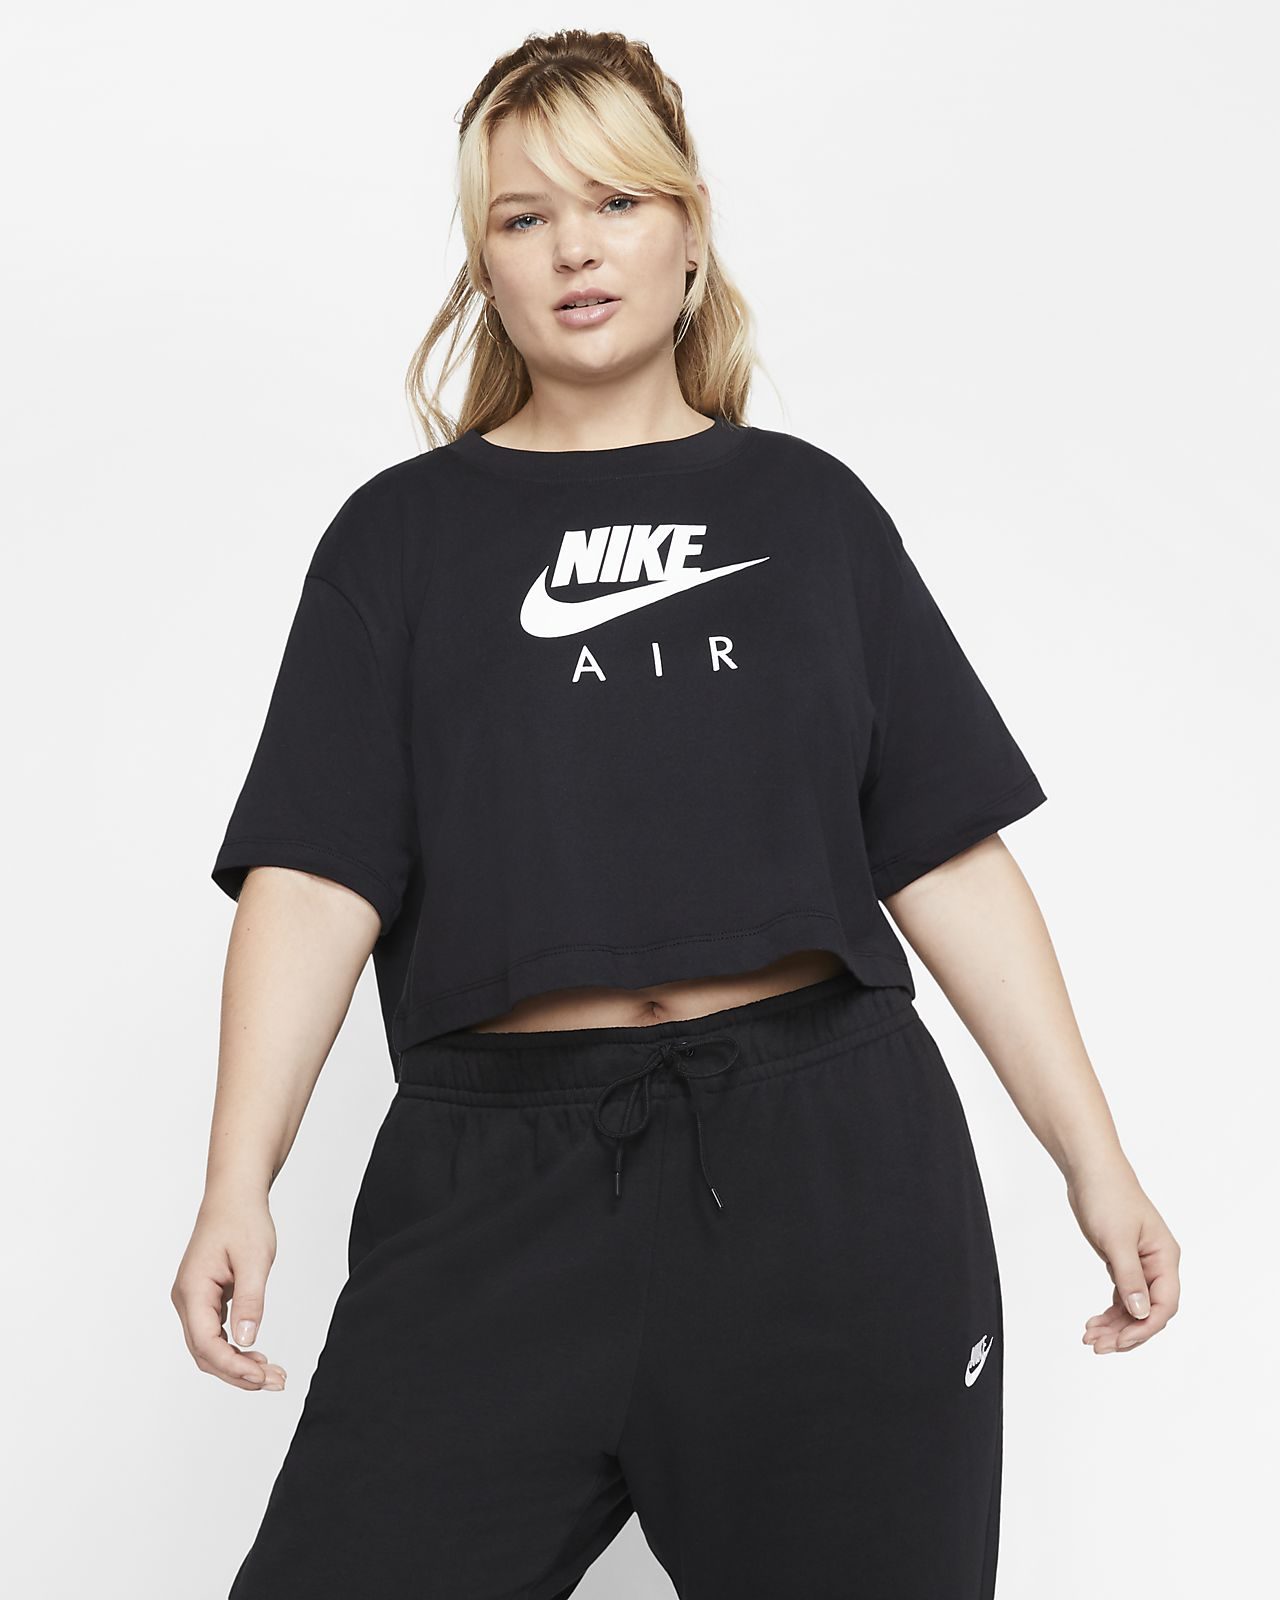 Nike Air kortermet overdel til dame (store størrelser)